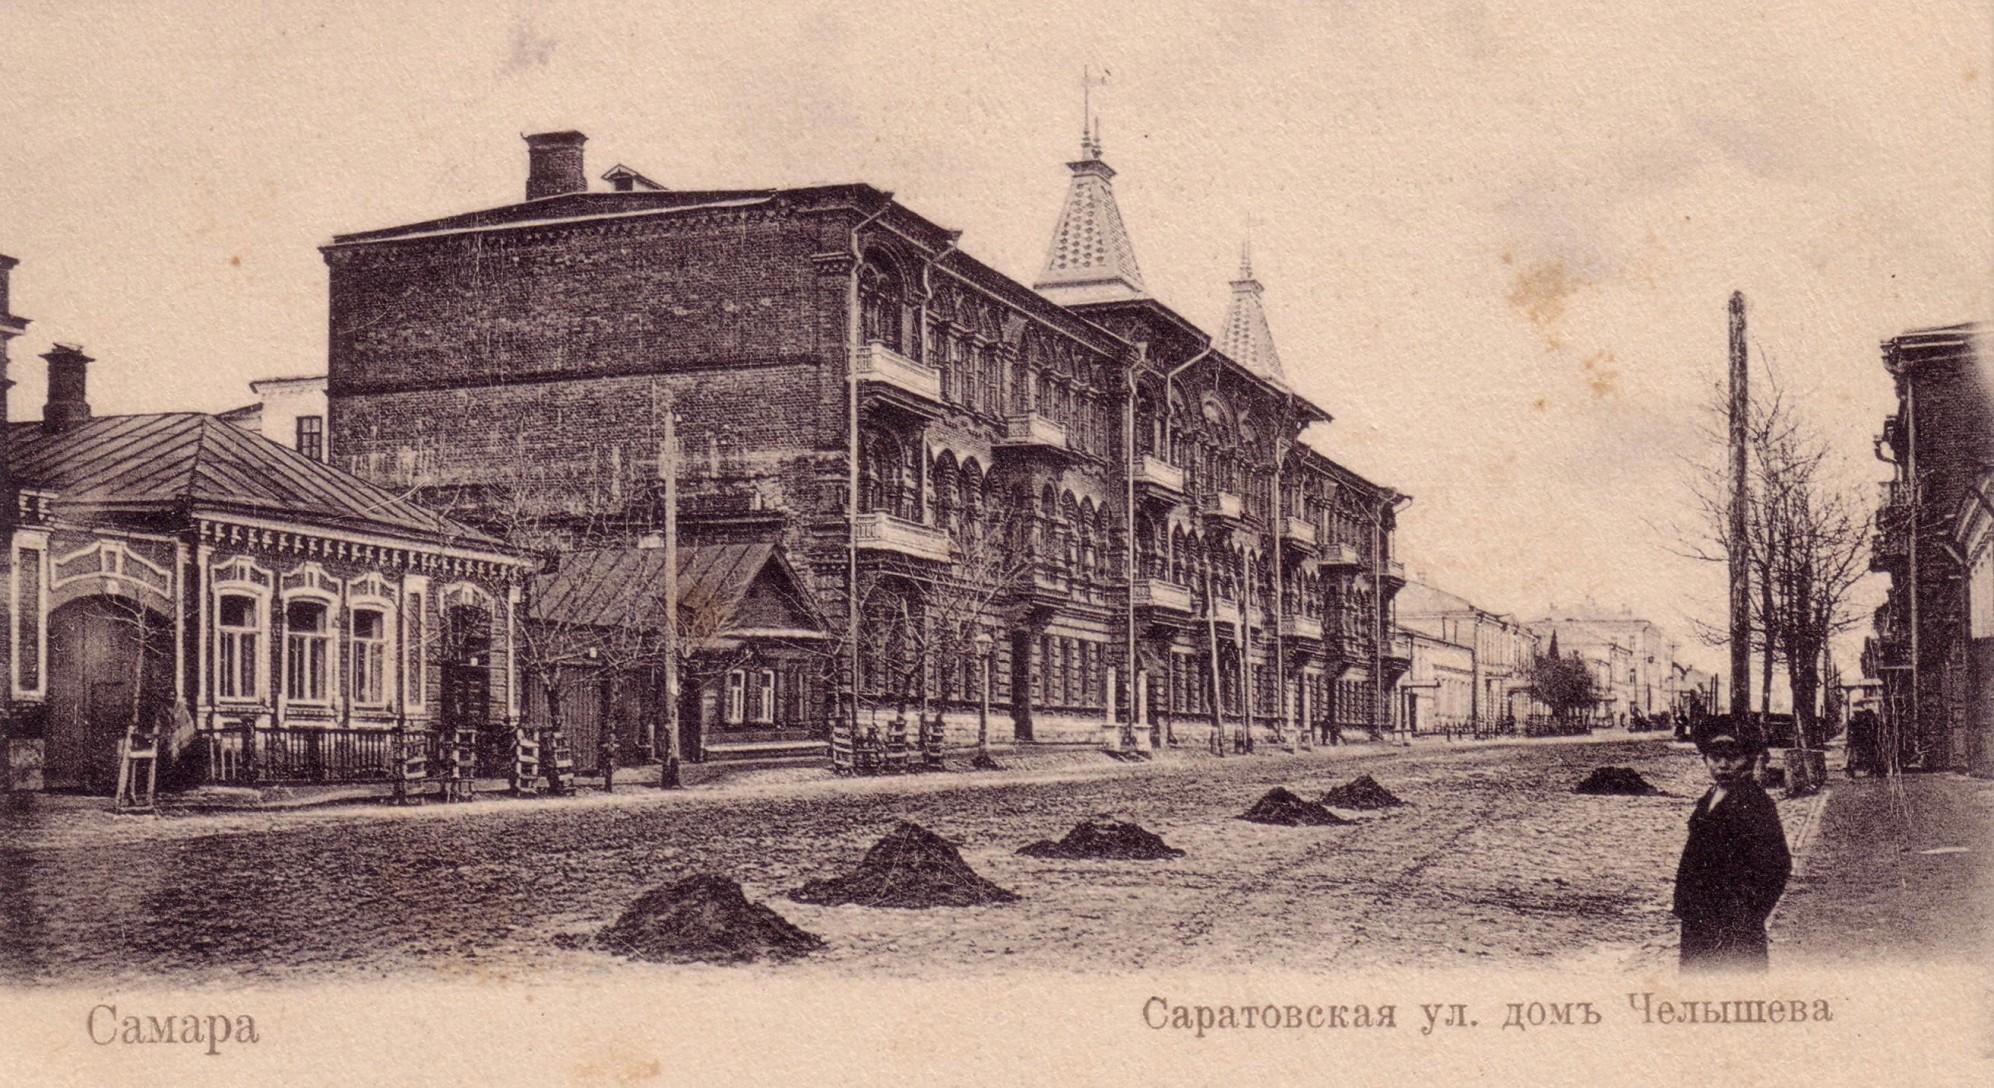 Дом Челышова